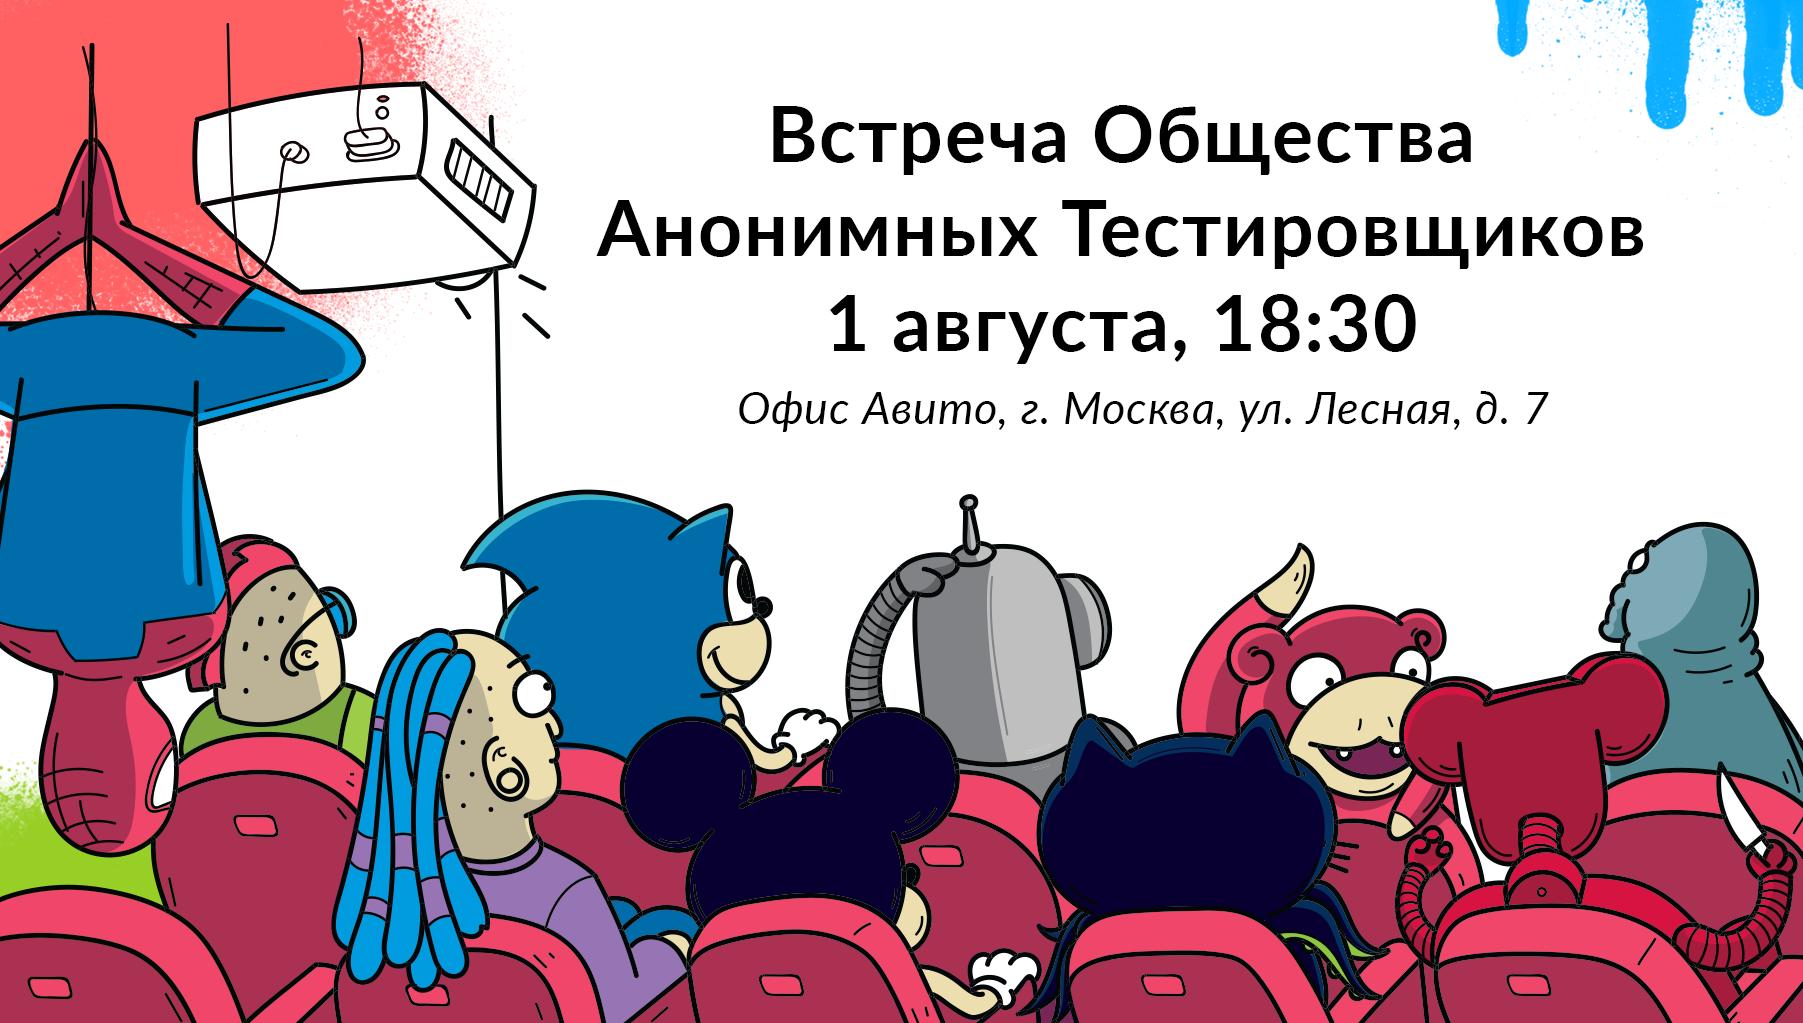 Седьмая встреча общества анонимных тестировщиков